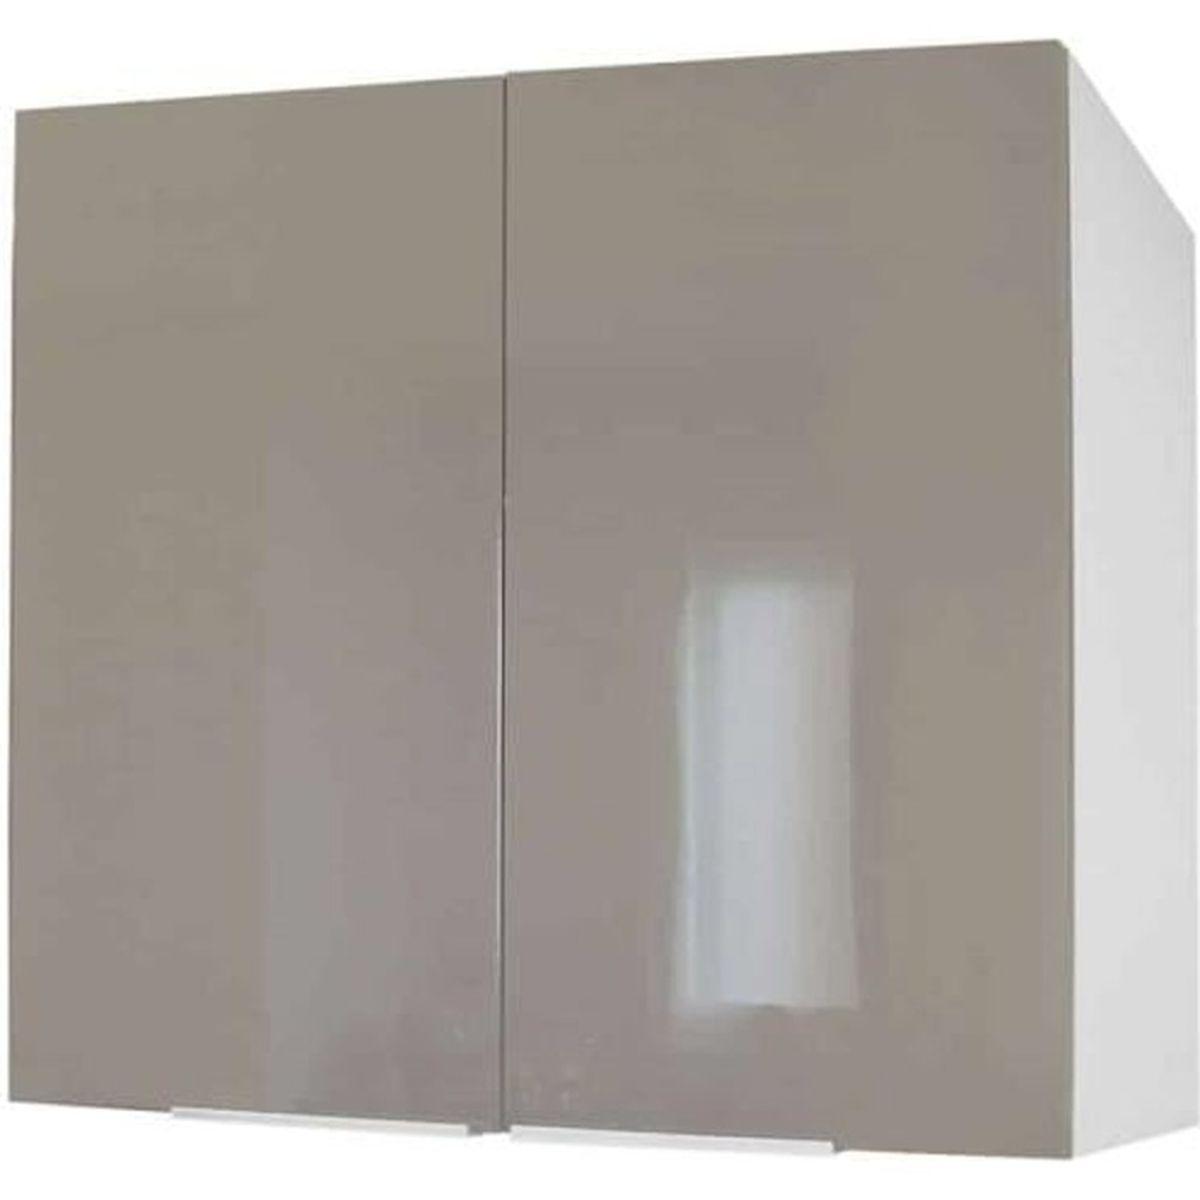 Meuble de cuisine haut 12 portes - 12cm - Taupe - Élément séparé